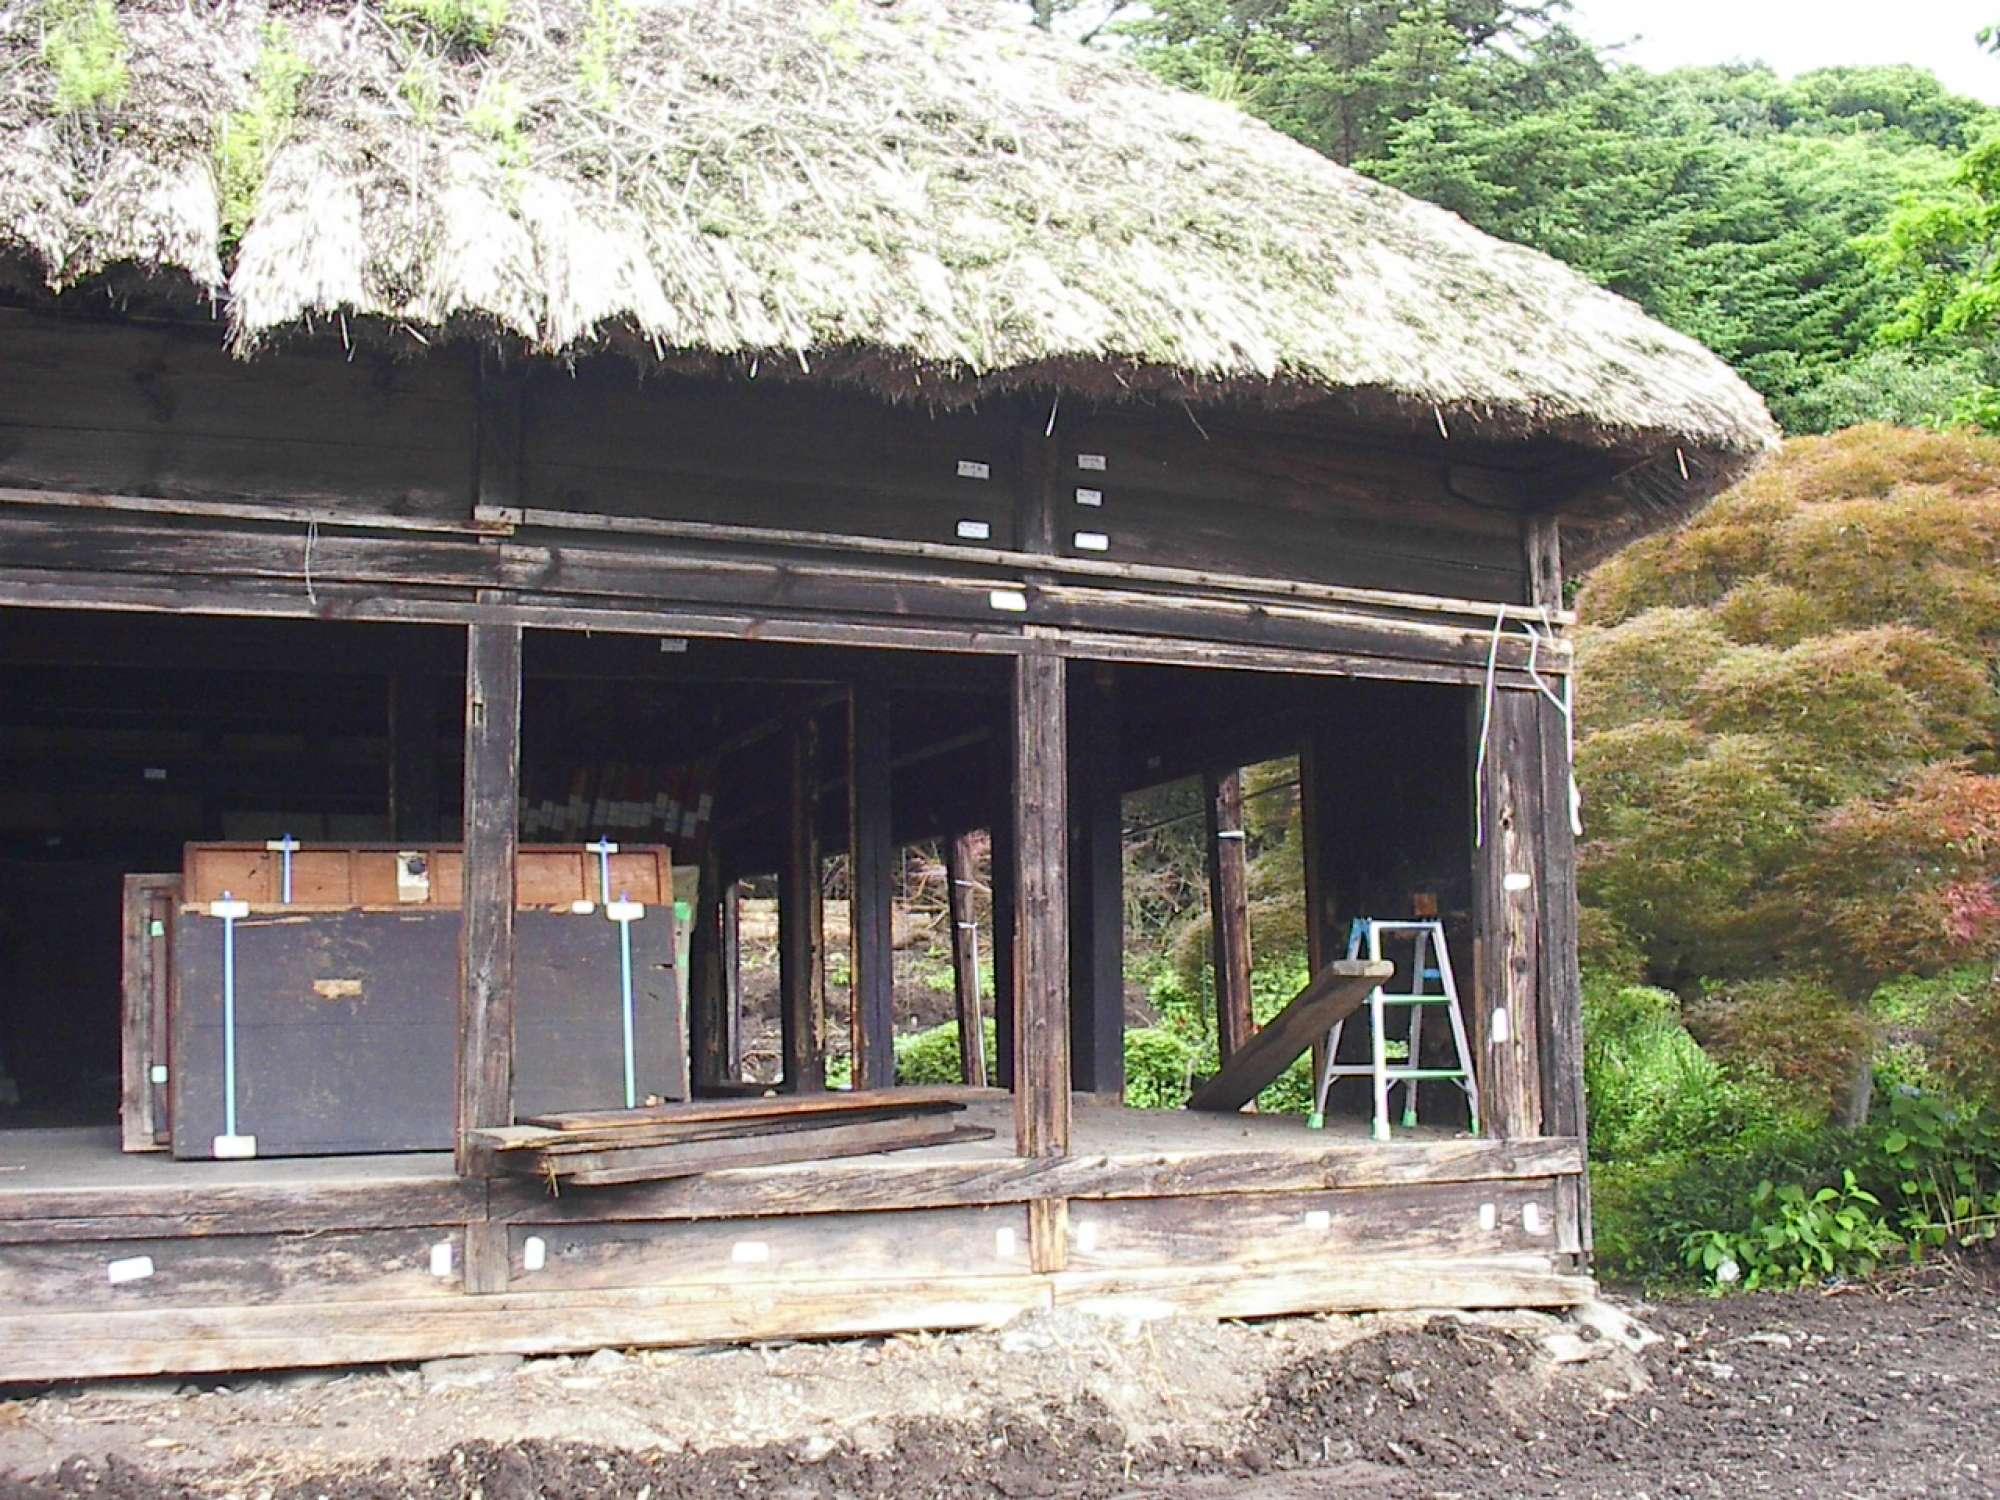 - 当時でいう豪邸でしょうか、広さも、茅葺の大屋根もすさまじい迫力です。 -  -